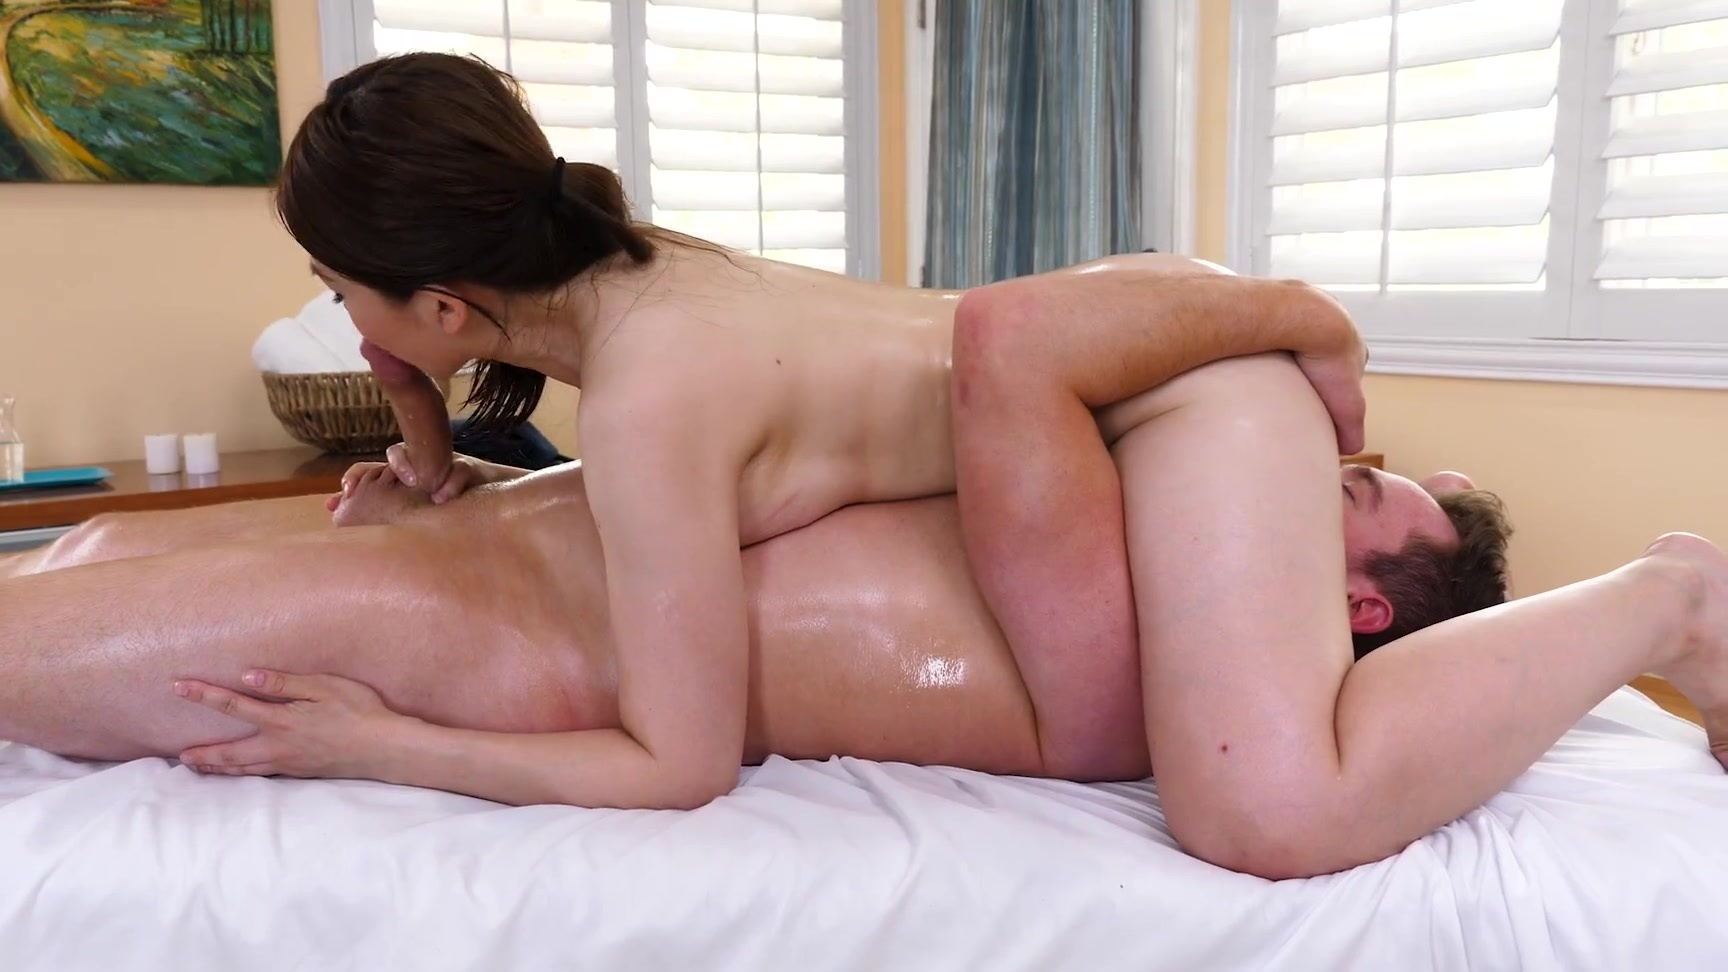 yaponki-porno-massazh-bez-tsenzuri